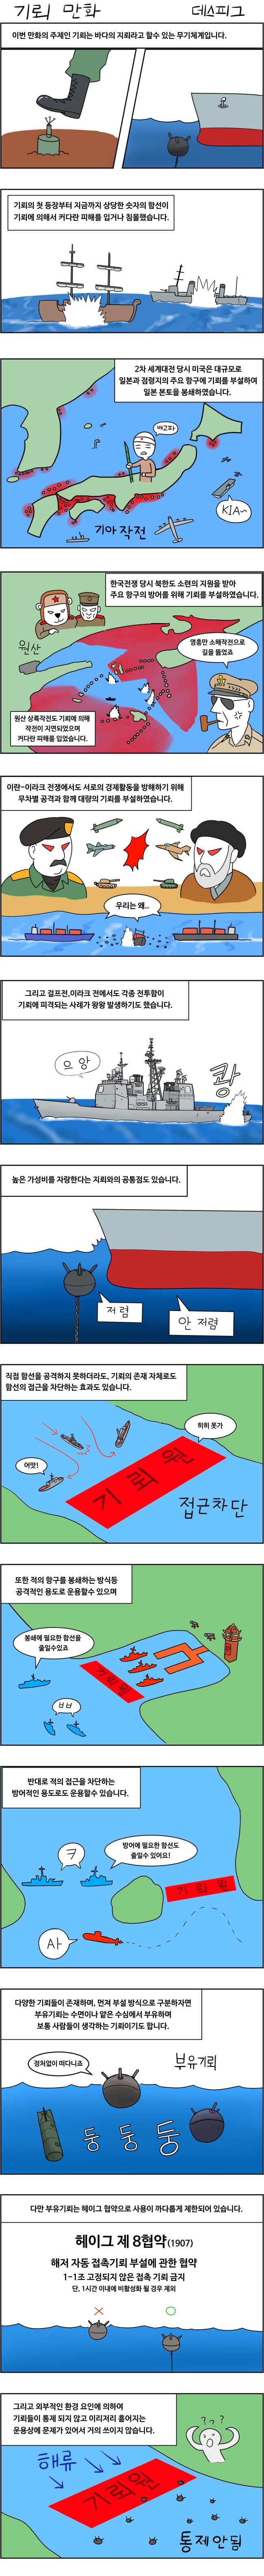 sea mine - 01.jpg